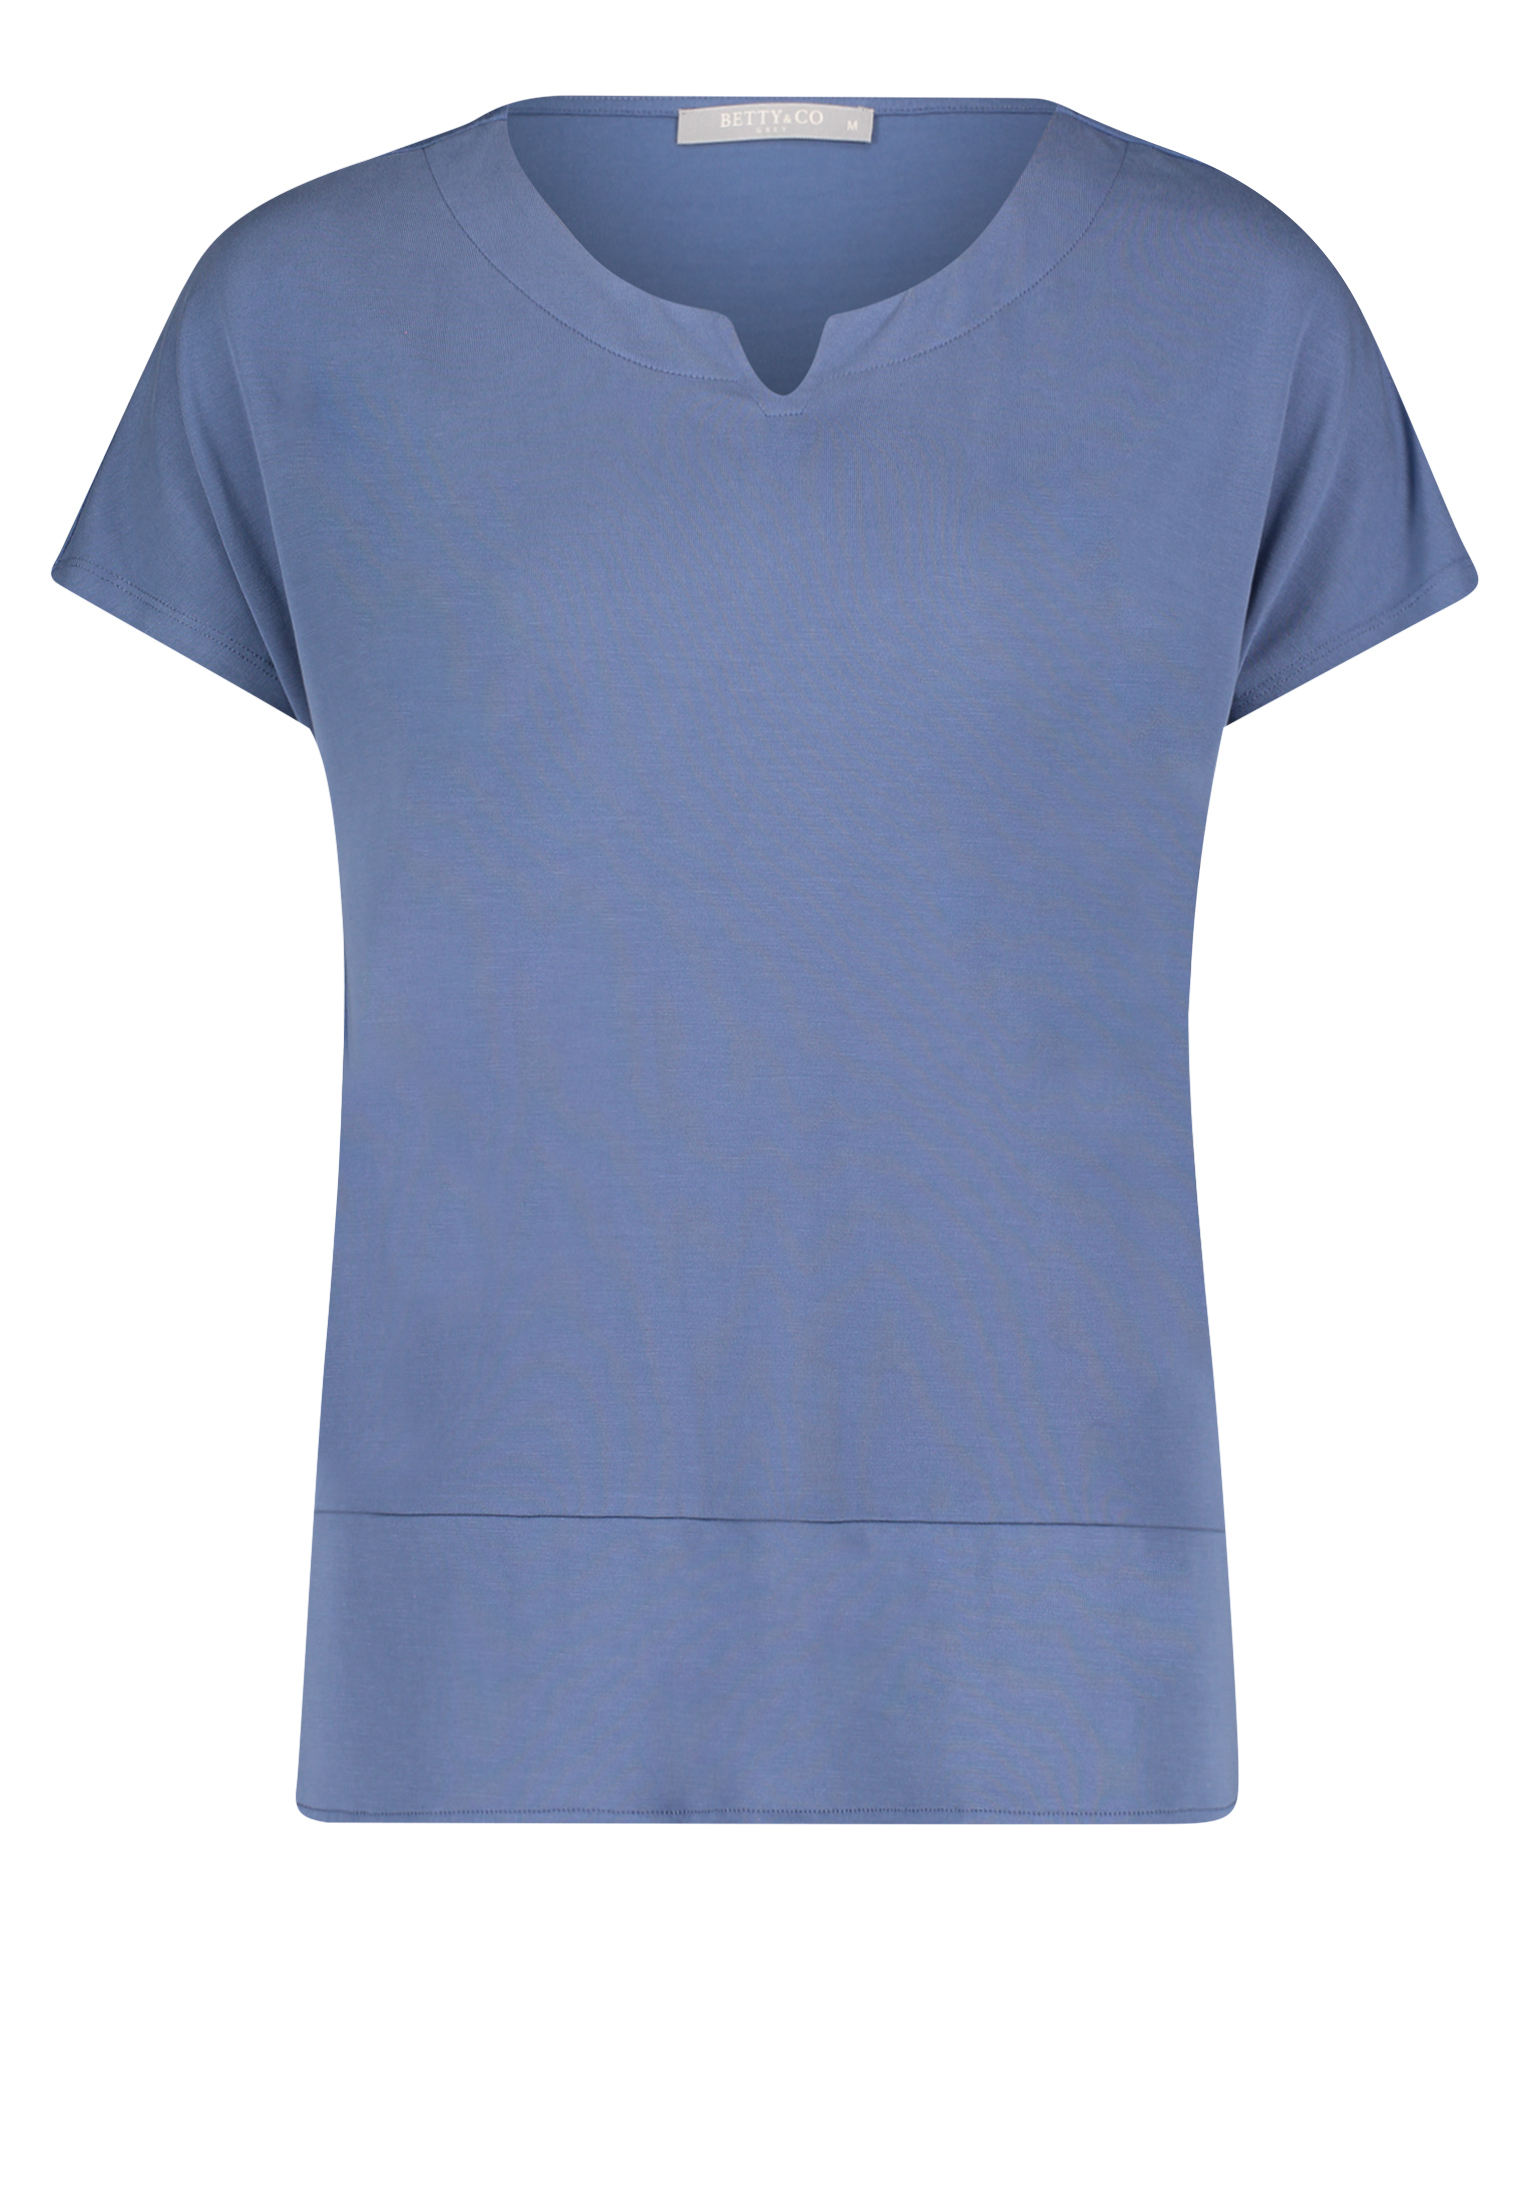 Betty & Co. kurzarm Shirt blau